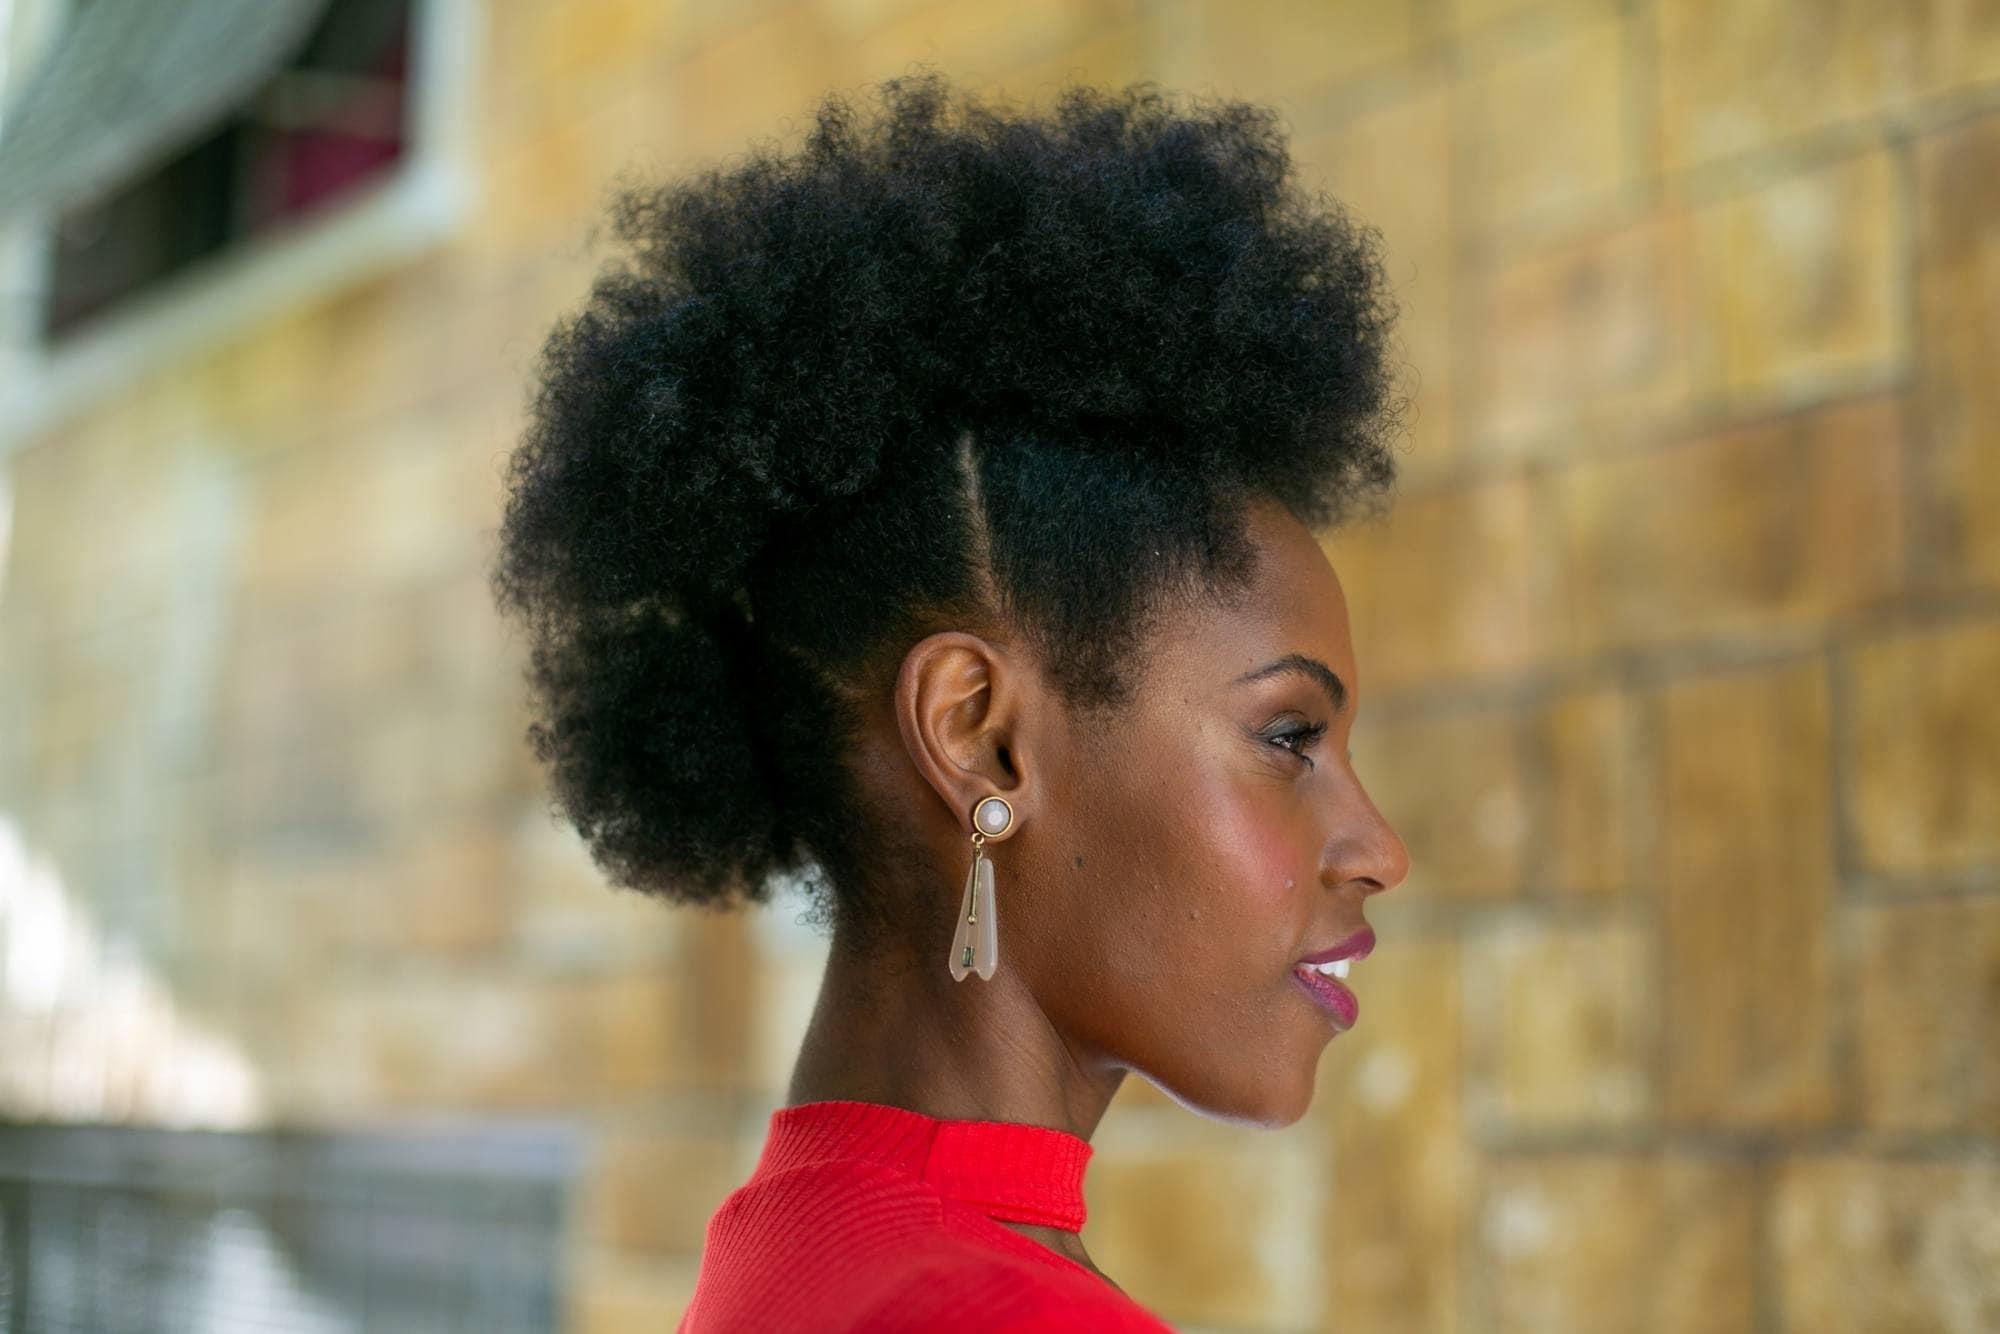 Modelo com cabelo curto crespo para matéria de moicano feminino